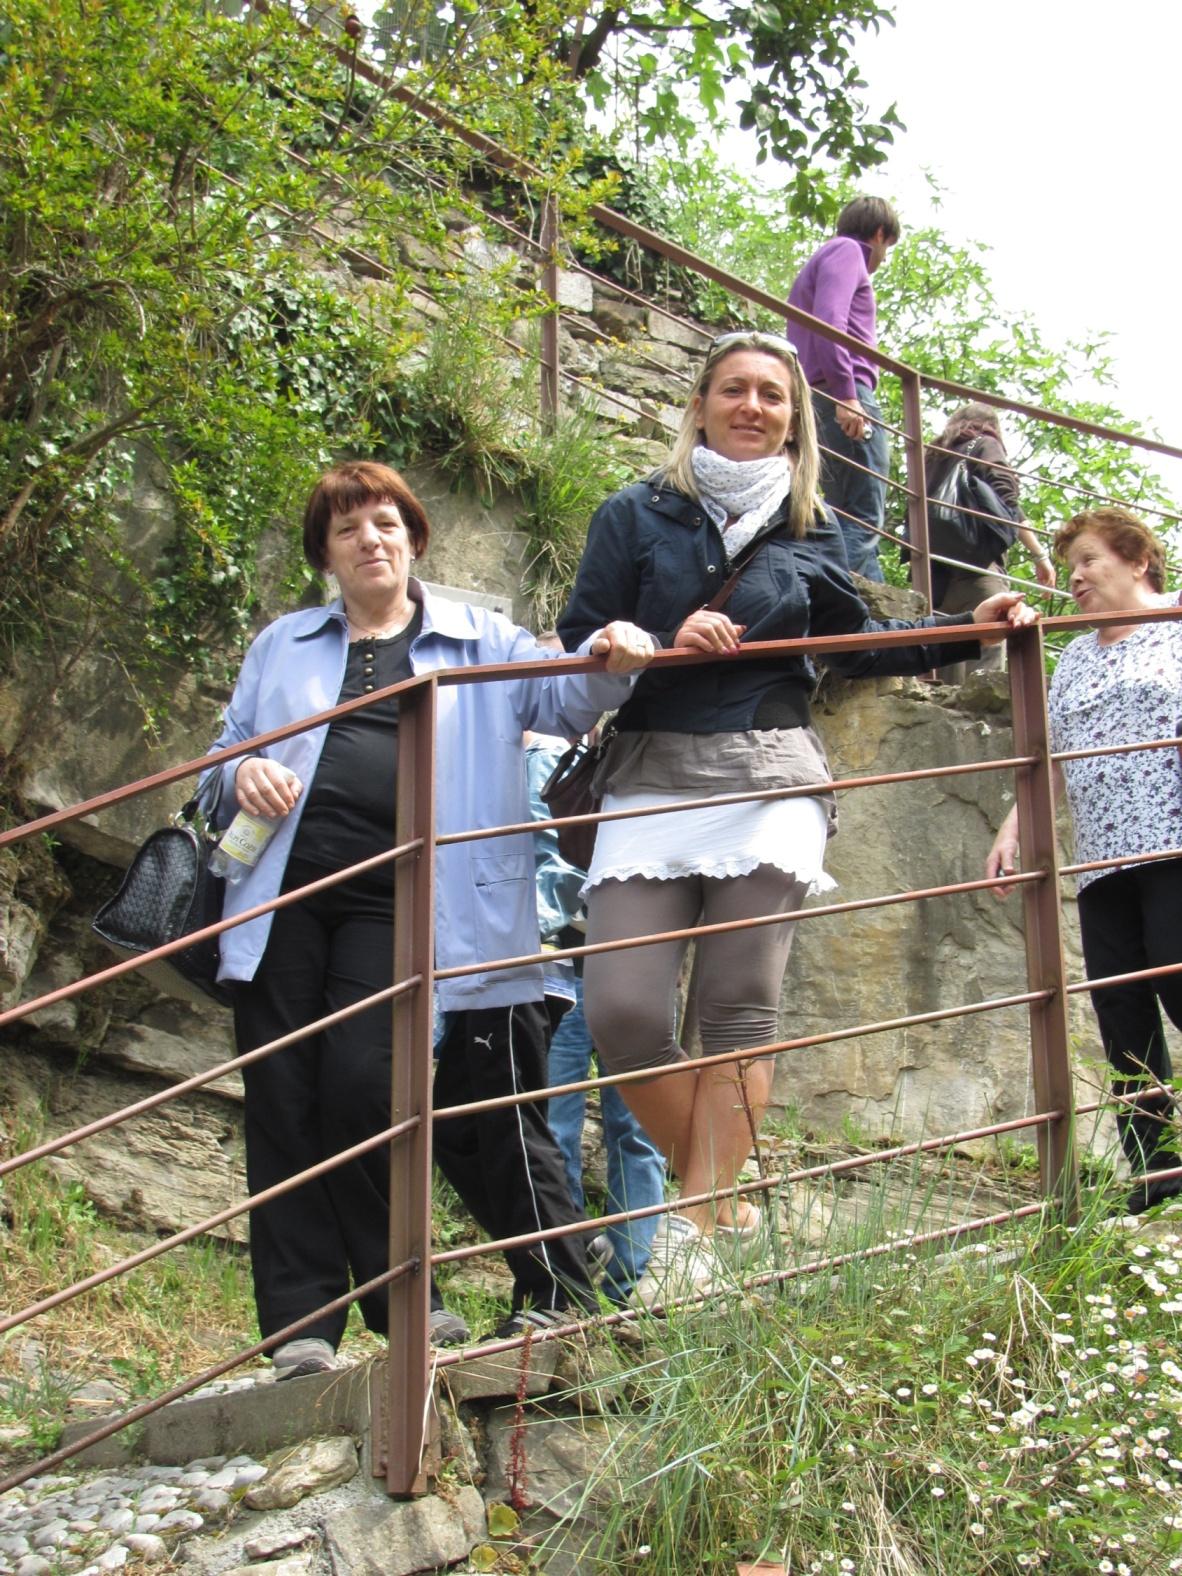 pasquetta_dolceacqua-2011-04-25-11-59-29